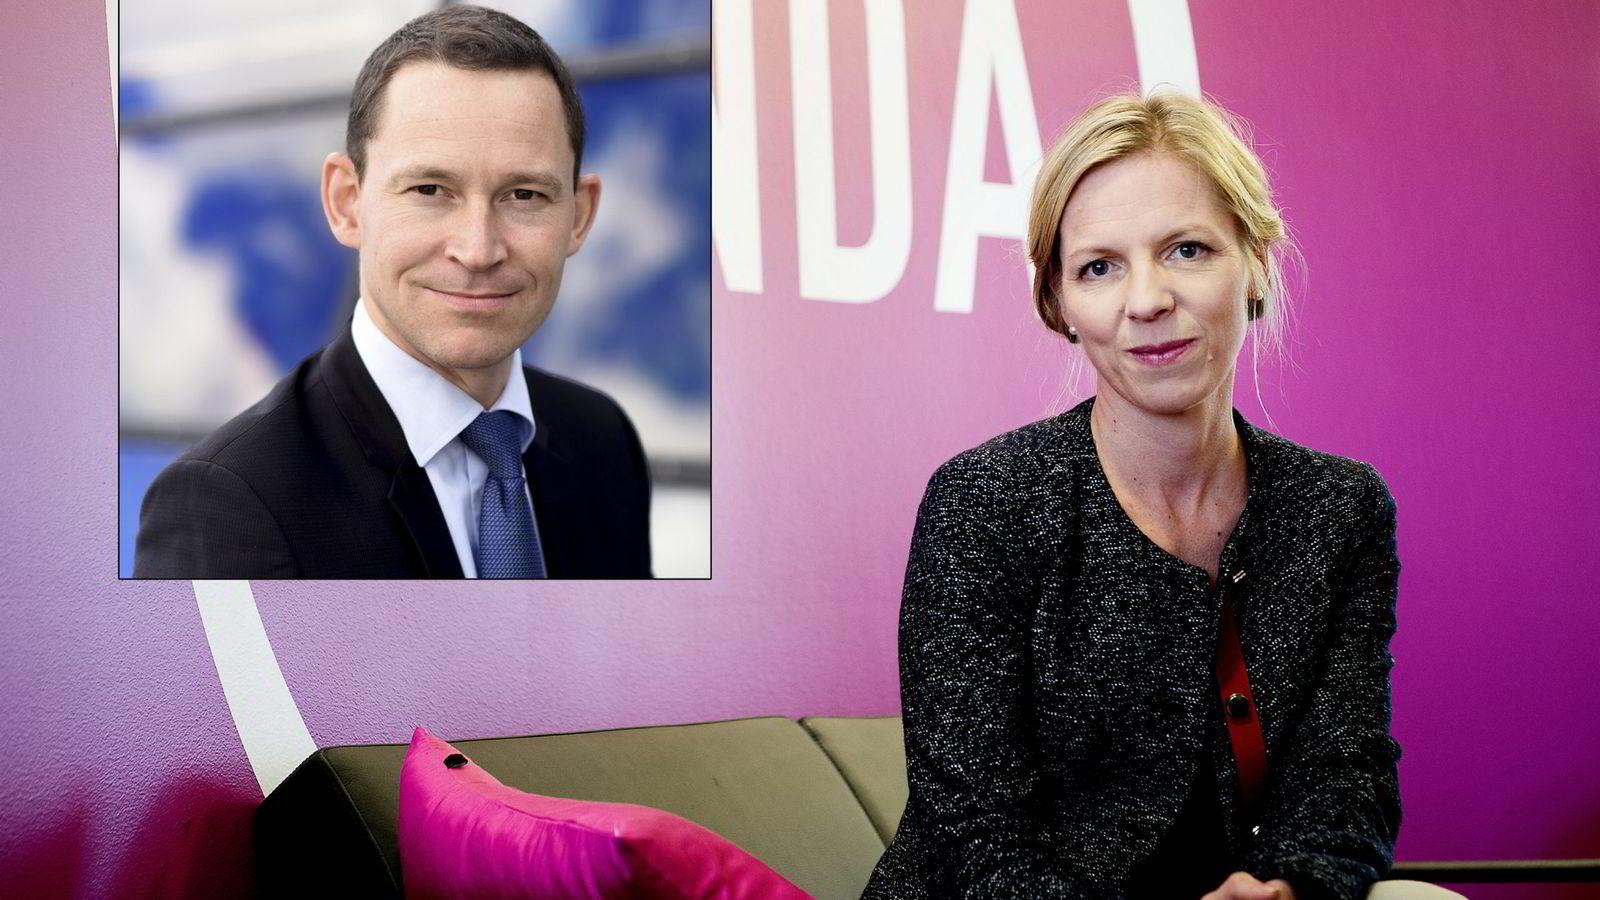 Marte Gerhardsen i Agenda og og Eirik Øwre Thorshaug som er myndighetskontakt i Telenor Norge og tidligere statssekretær (innfelt). Foto Mikaela Berg/Telenor